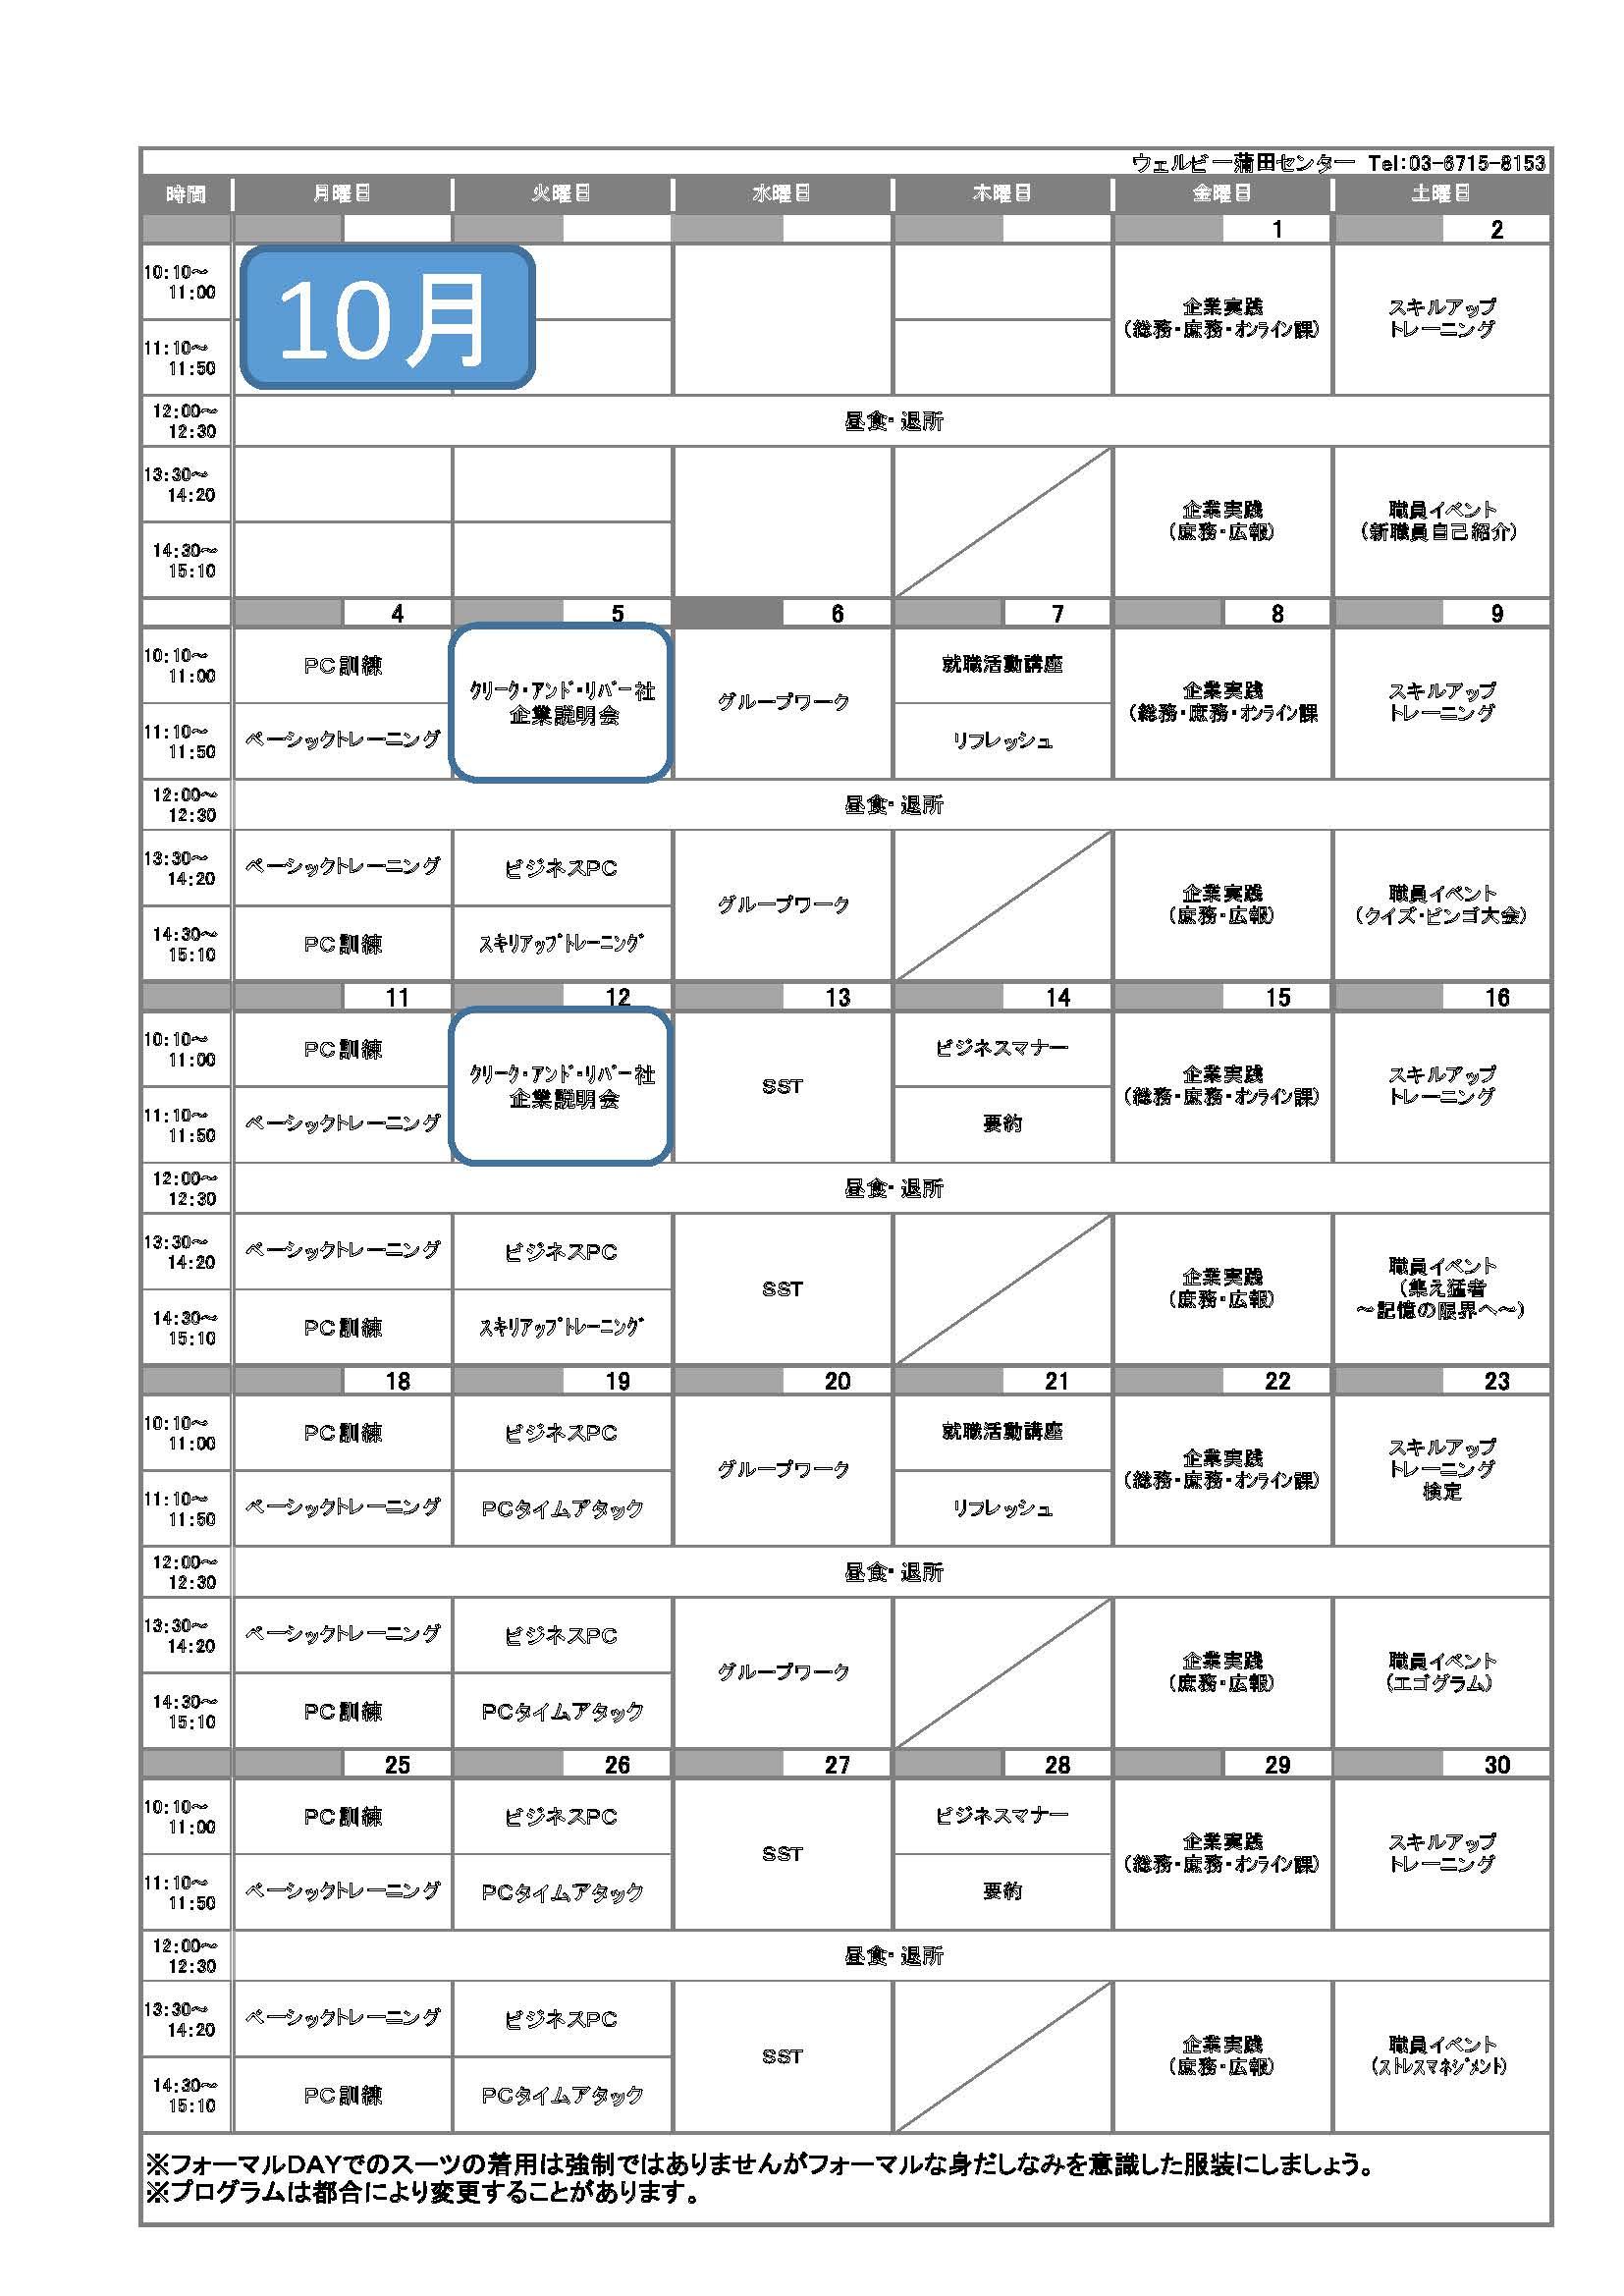 ウェルビー蒲田センタープログラム表_+(1)